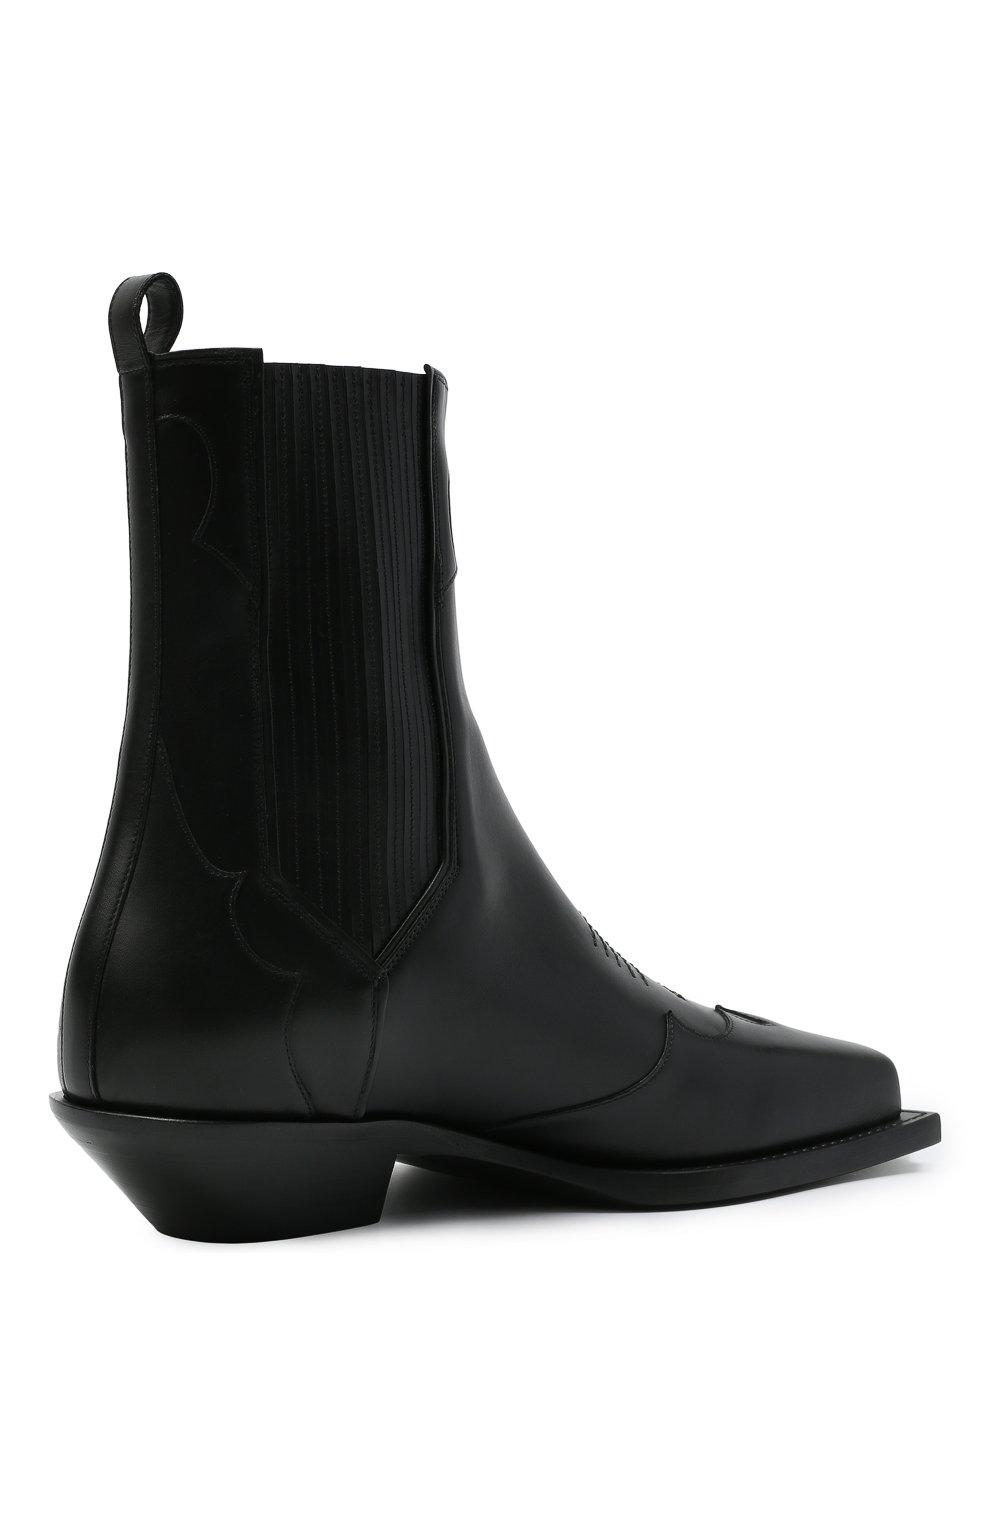 Мужские кожаные казаки BALMAIN черного цвета, арт. WM1TA269/LGDT | Фото 4 (Материал внутренний: Натуральная кожа; Мужское Кросс-КТ: Казаки-обувь, Сапоги-обувь; Подошва: Плоская)